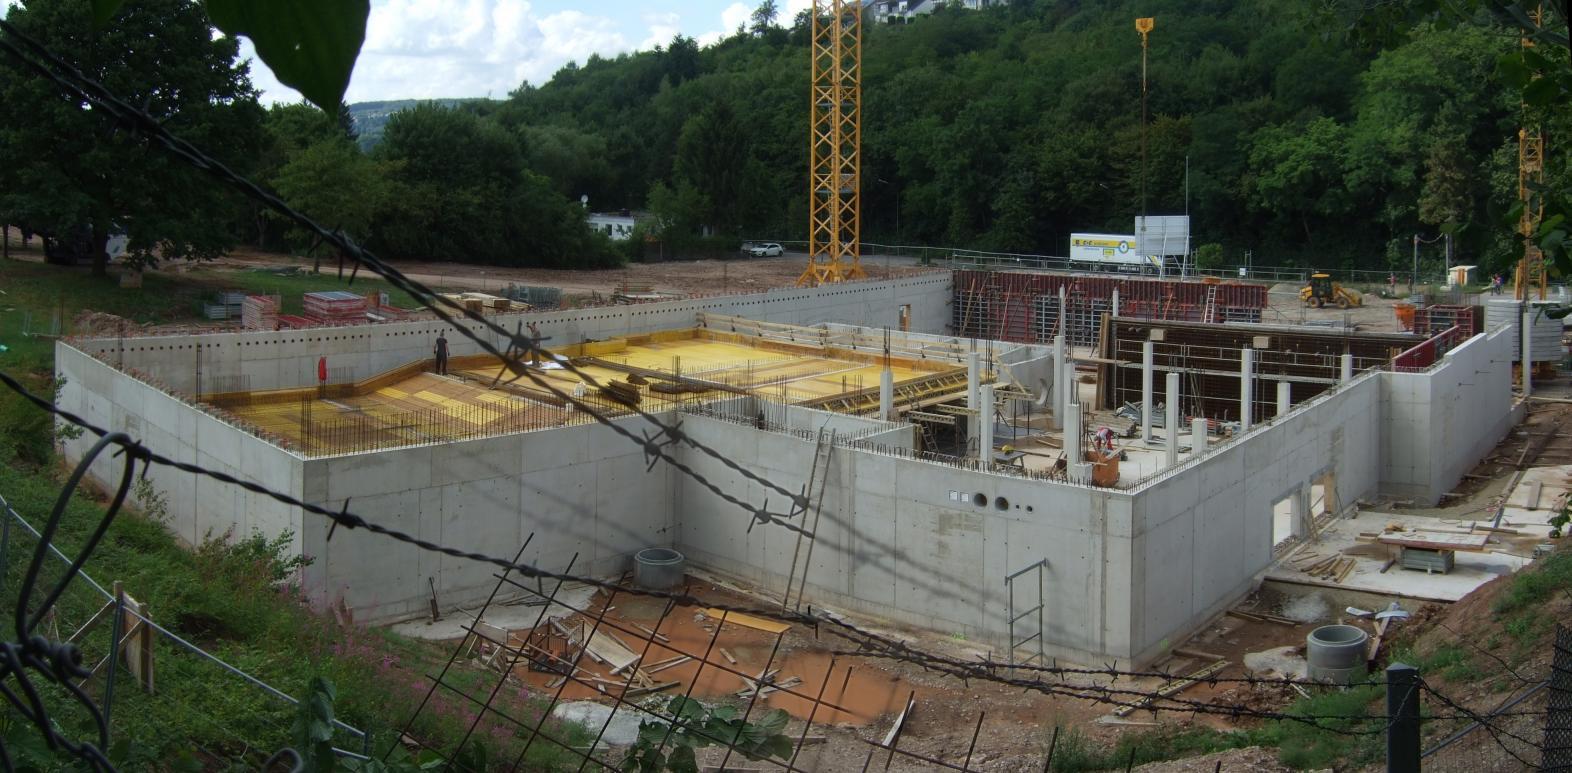 Hallenbad Konz in der Rohbauphase; im Foto ist links oben die Verschalung für das Schwimmerbecken zu erkennen.